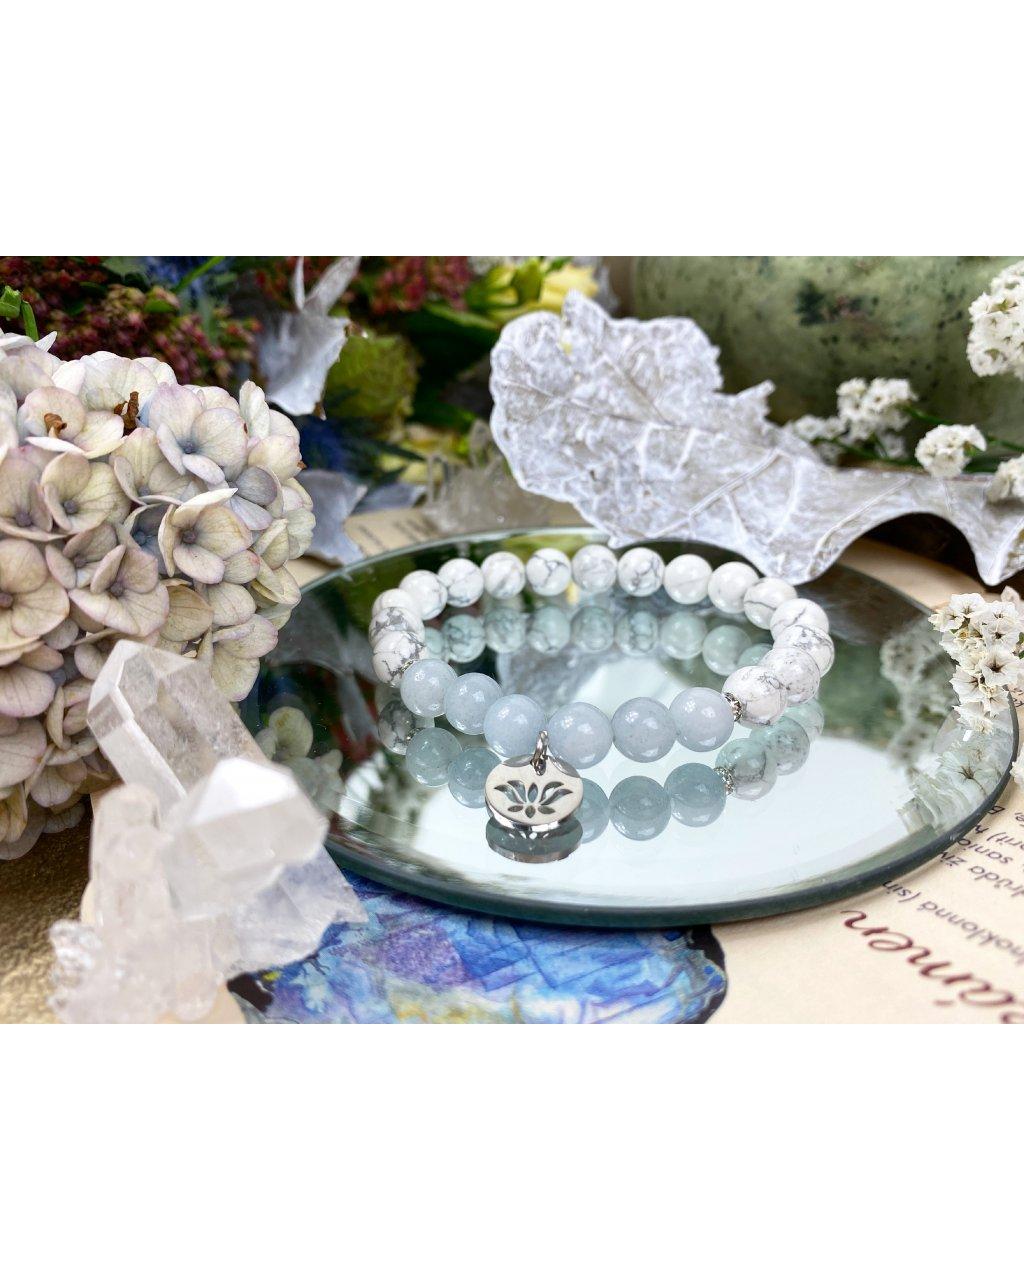 Náramek z minerálů howlit, jadeit modrý a květ lotosu